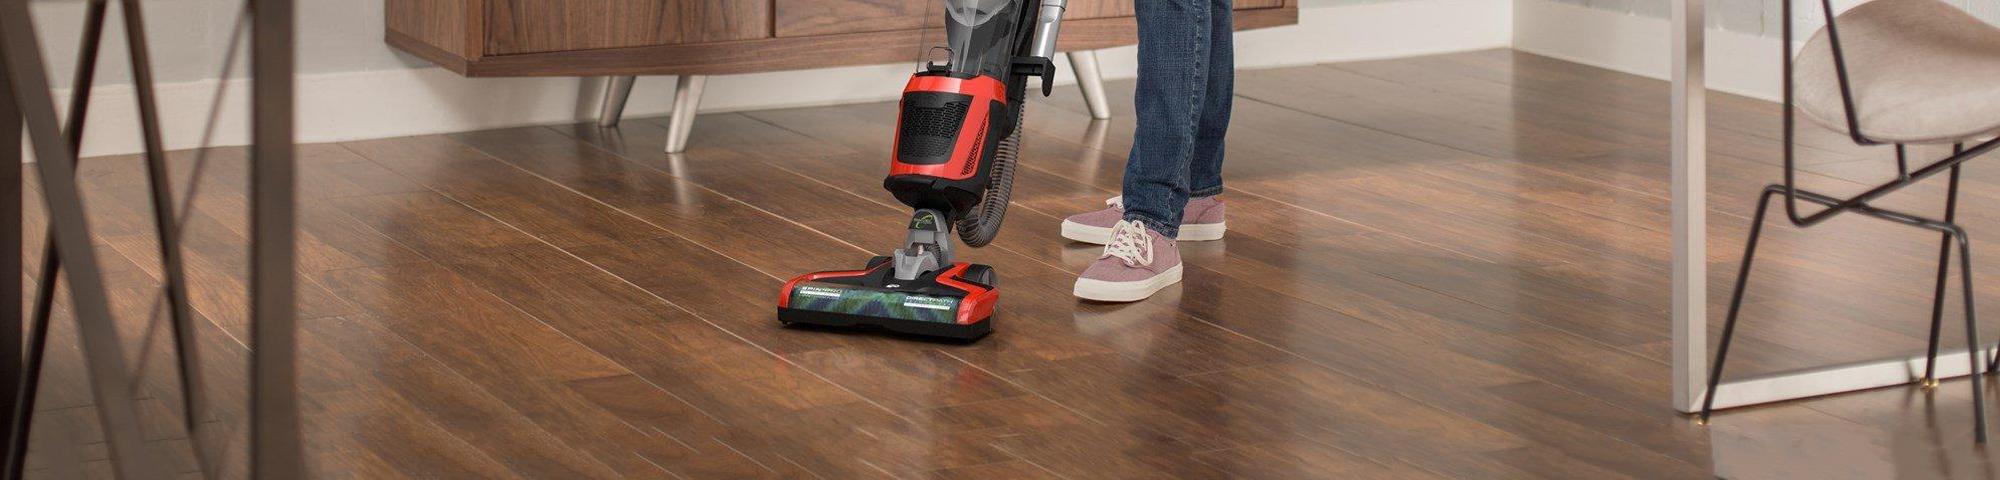 Best Vacuum Cleaner For Wooden Floors Australia Carpet